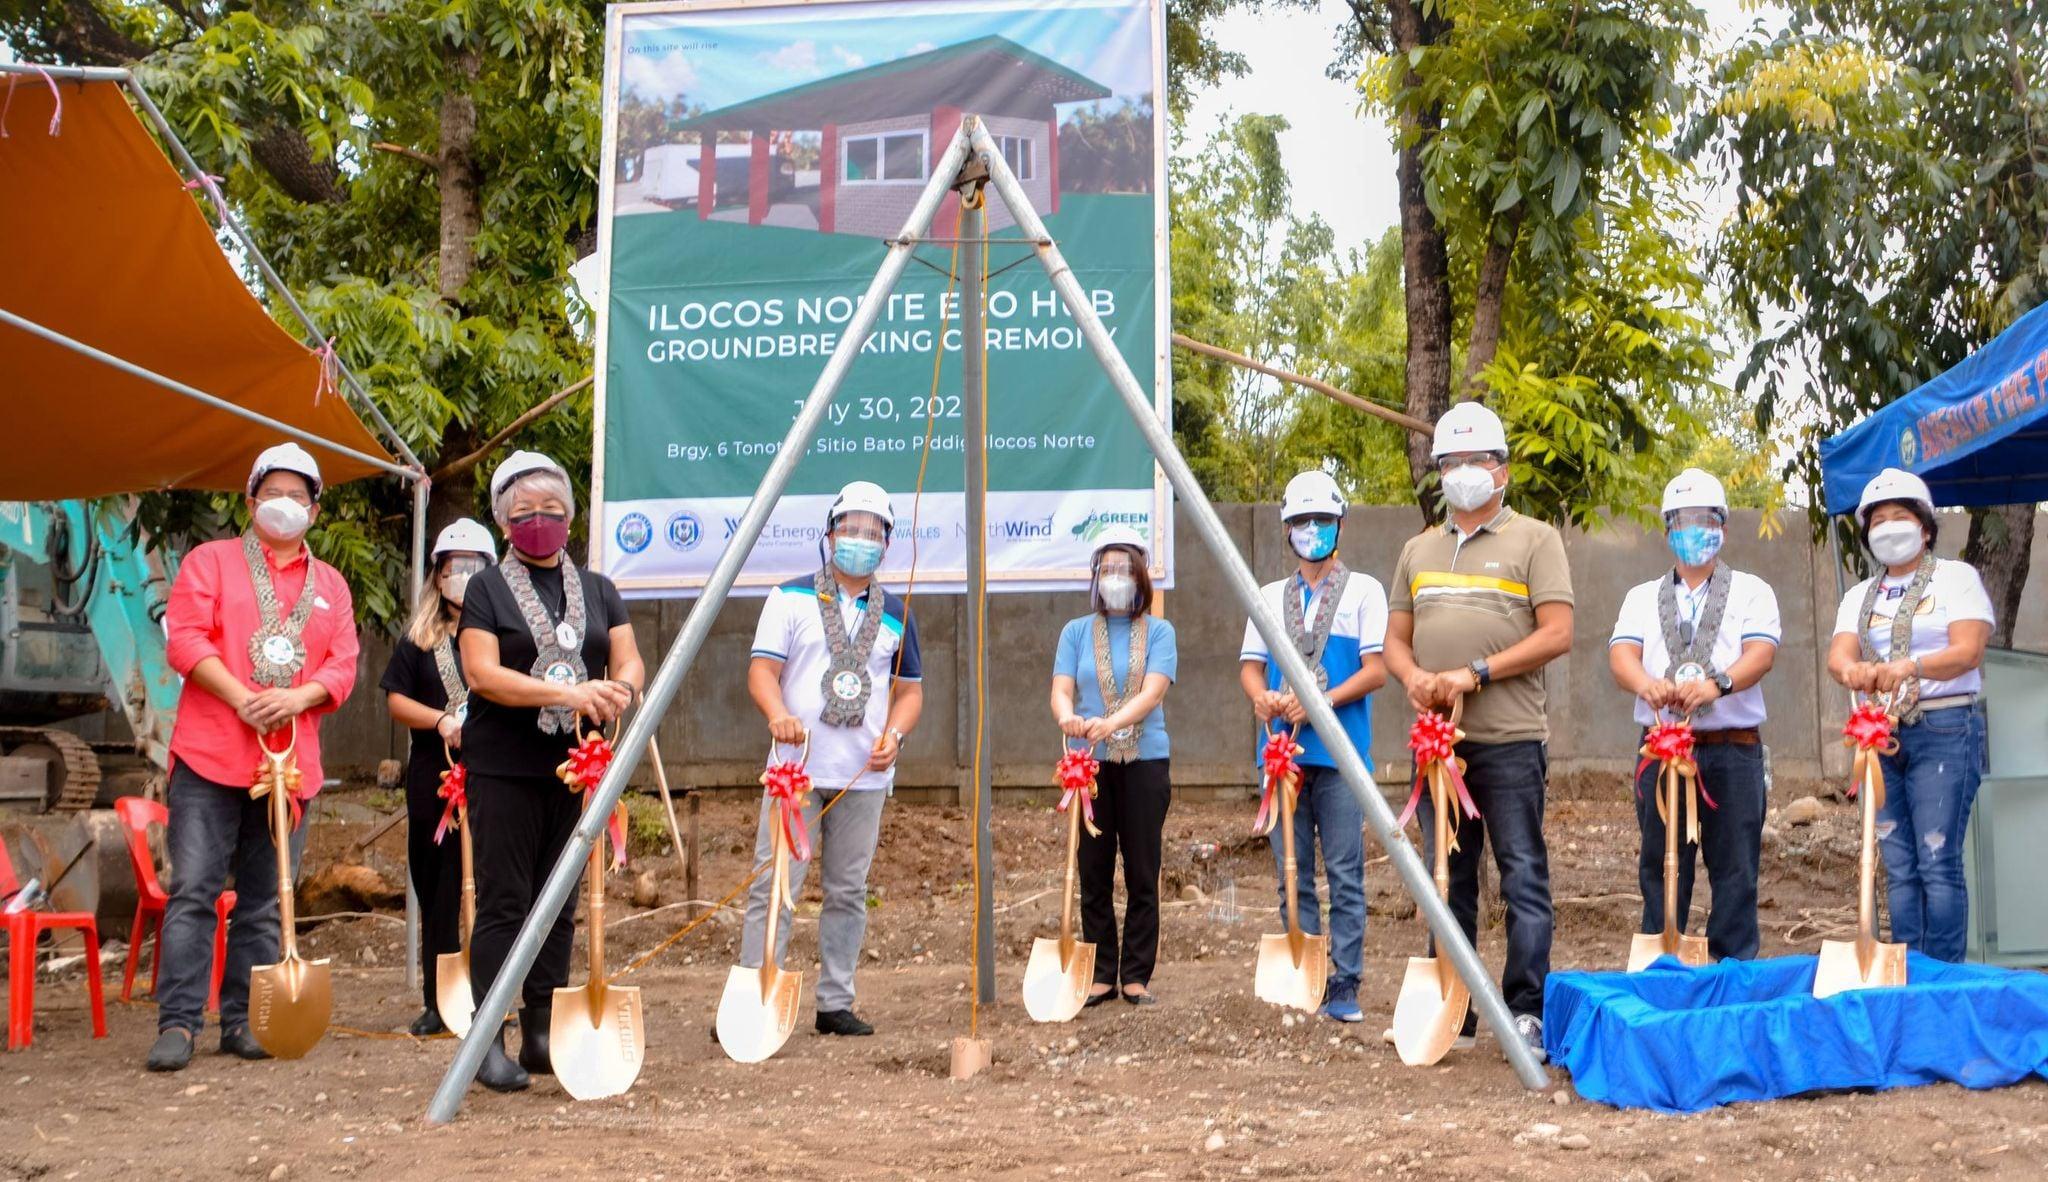 Ilocos Norte recycling facility eco-bricks